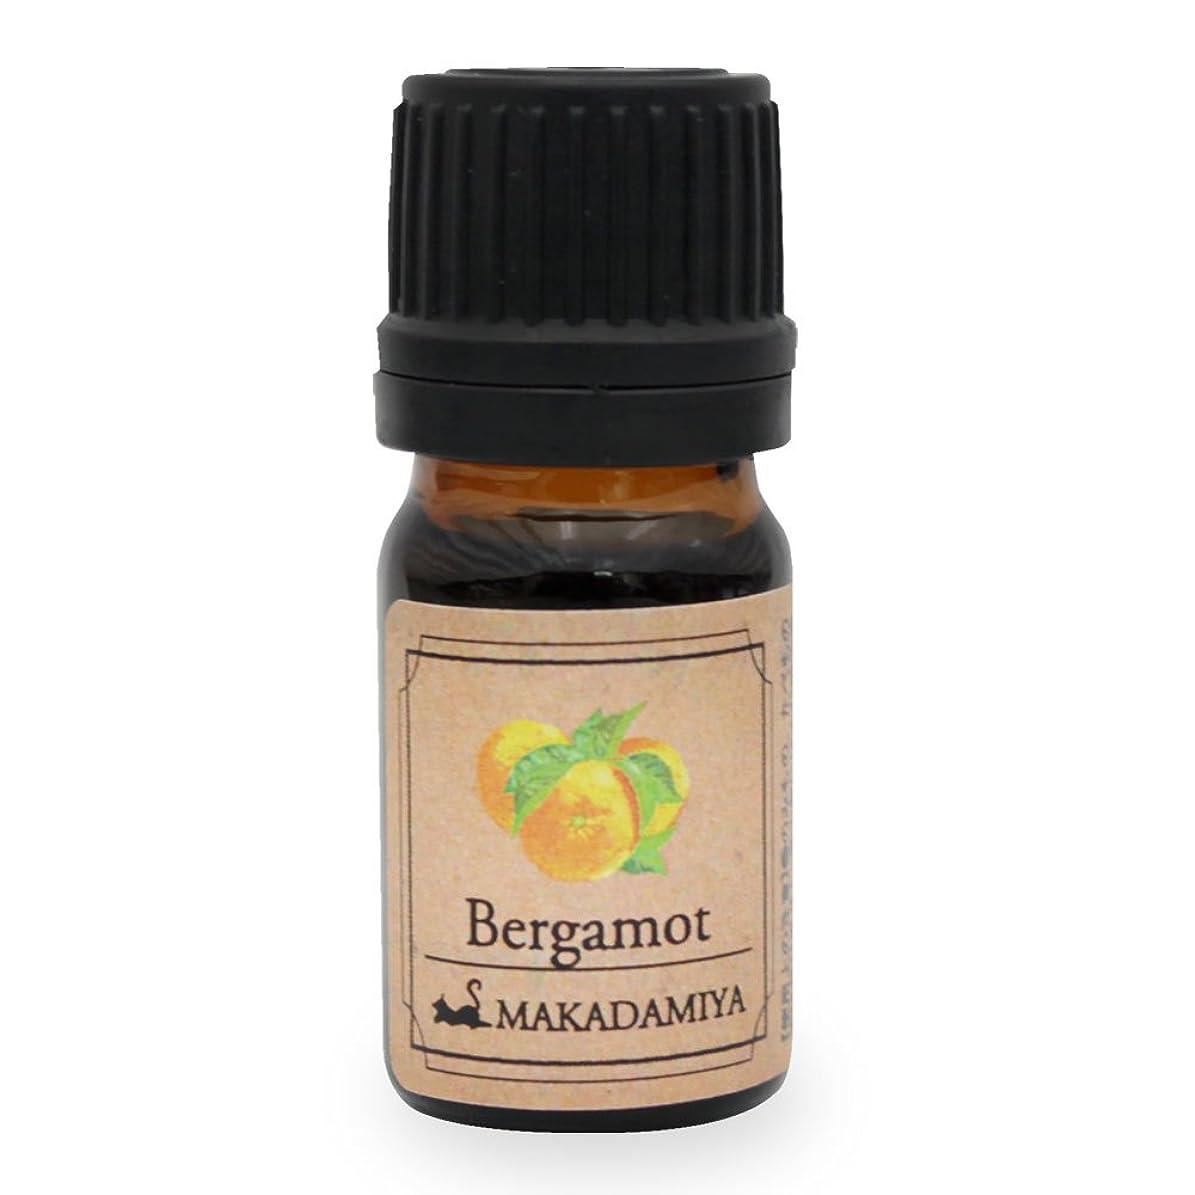 受け継ぐ寄生虫市の花ベルガモット5ml 天然100%植物性 エッセンシャルオイル(精油) アロマオイル アロママッサージ aroma Bergamot